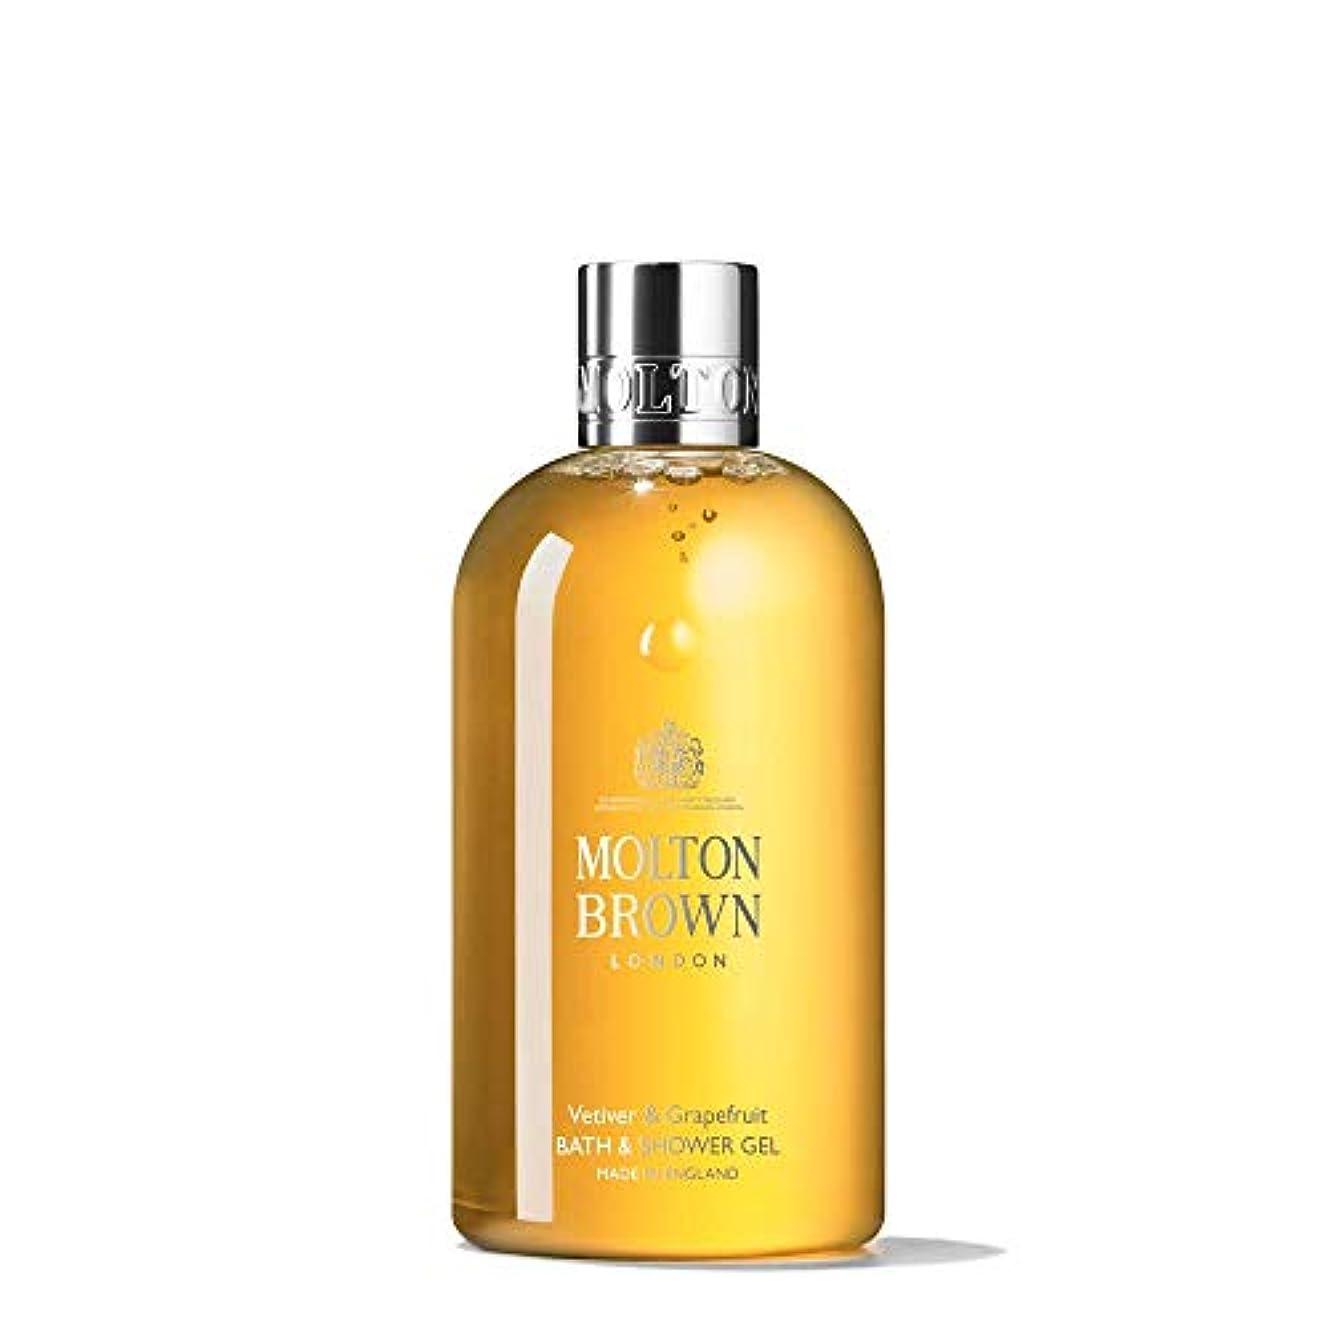 イブ出席形式MOLTON BROWN(モルトンブラウン) ベチバー&グレープフルーツ コレクション V&G バス&シャワージェル